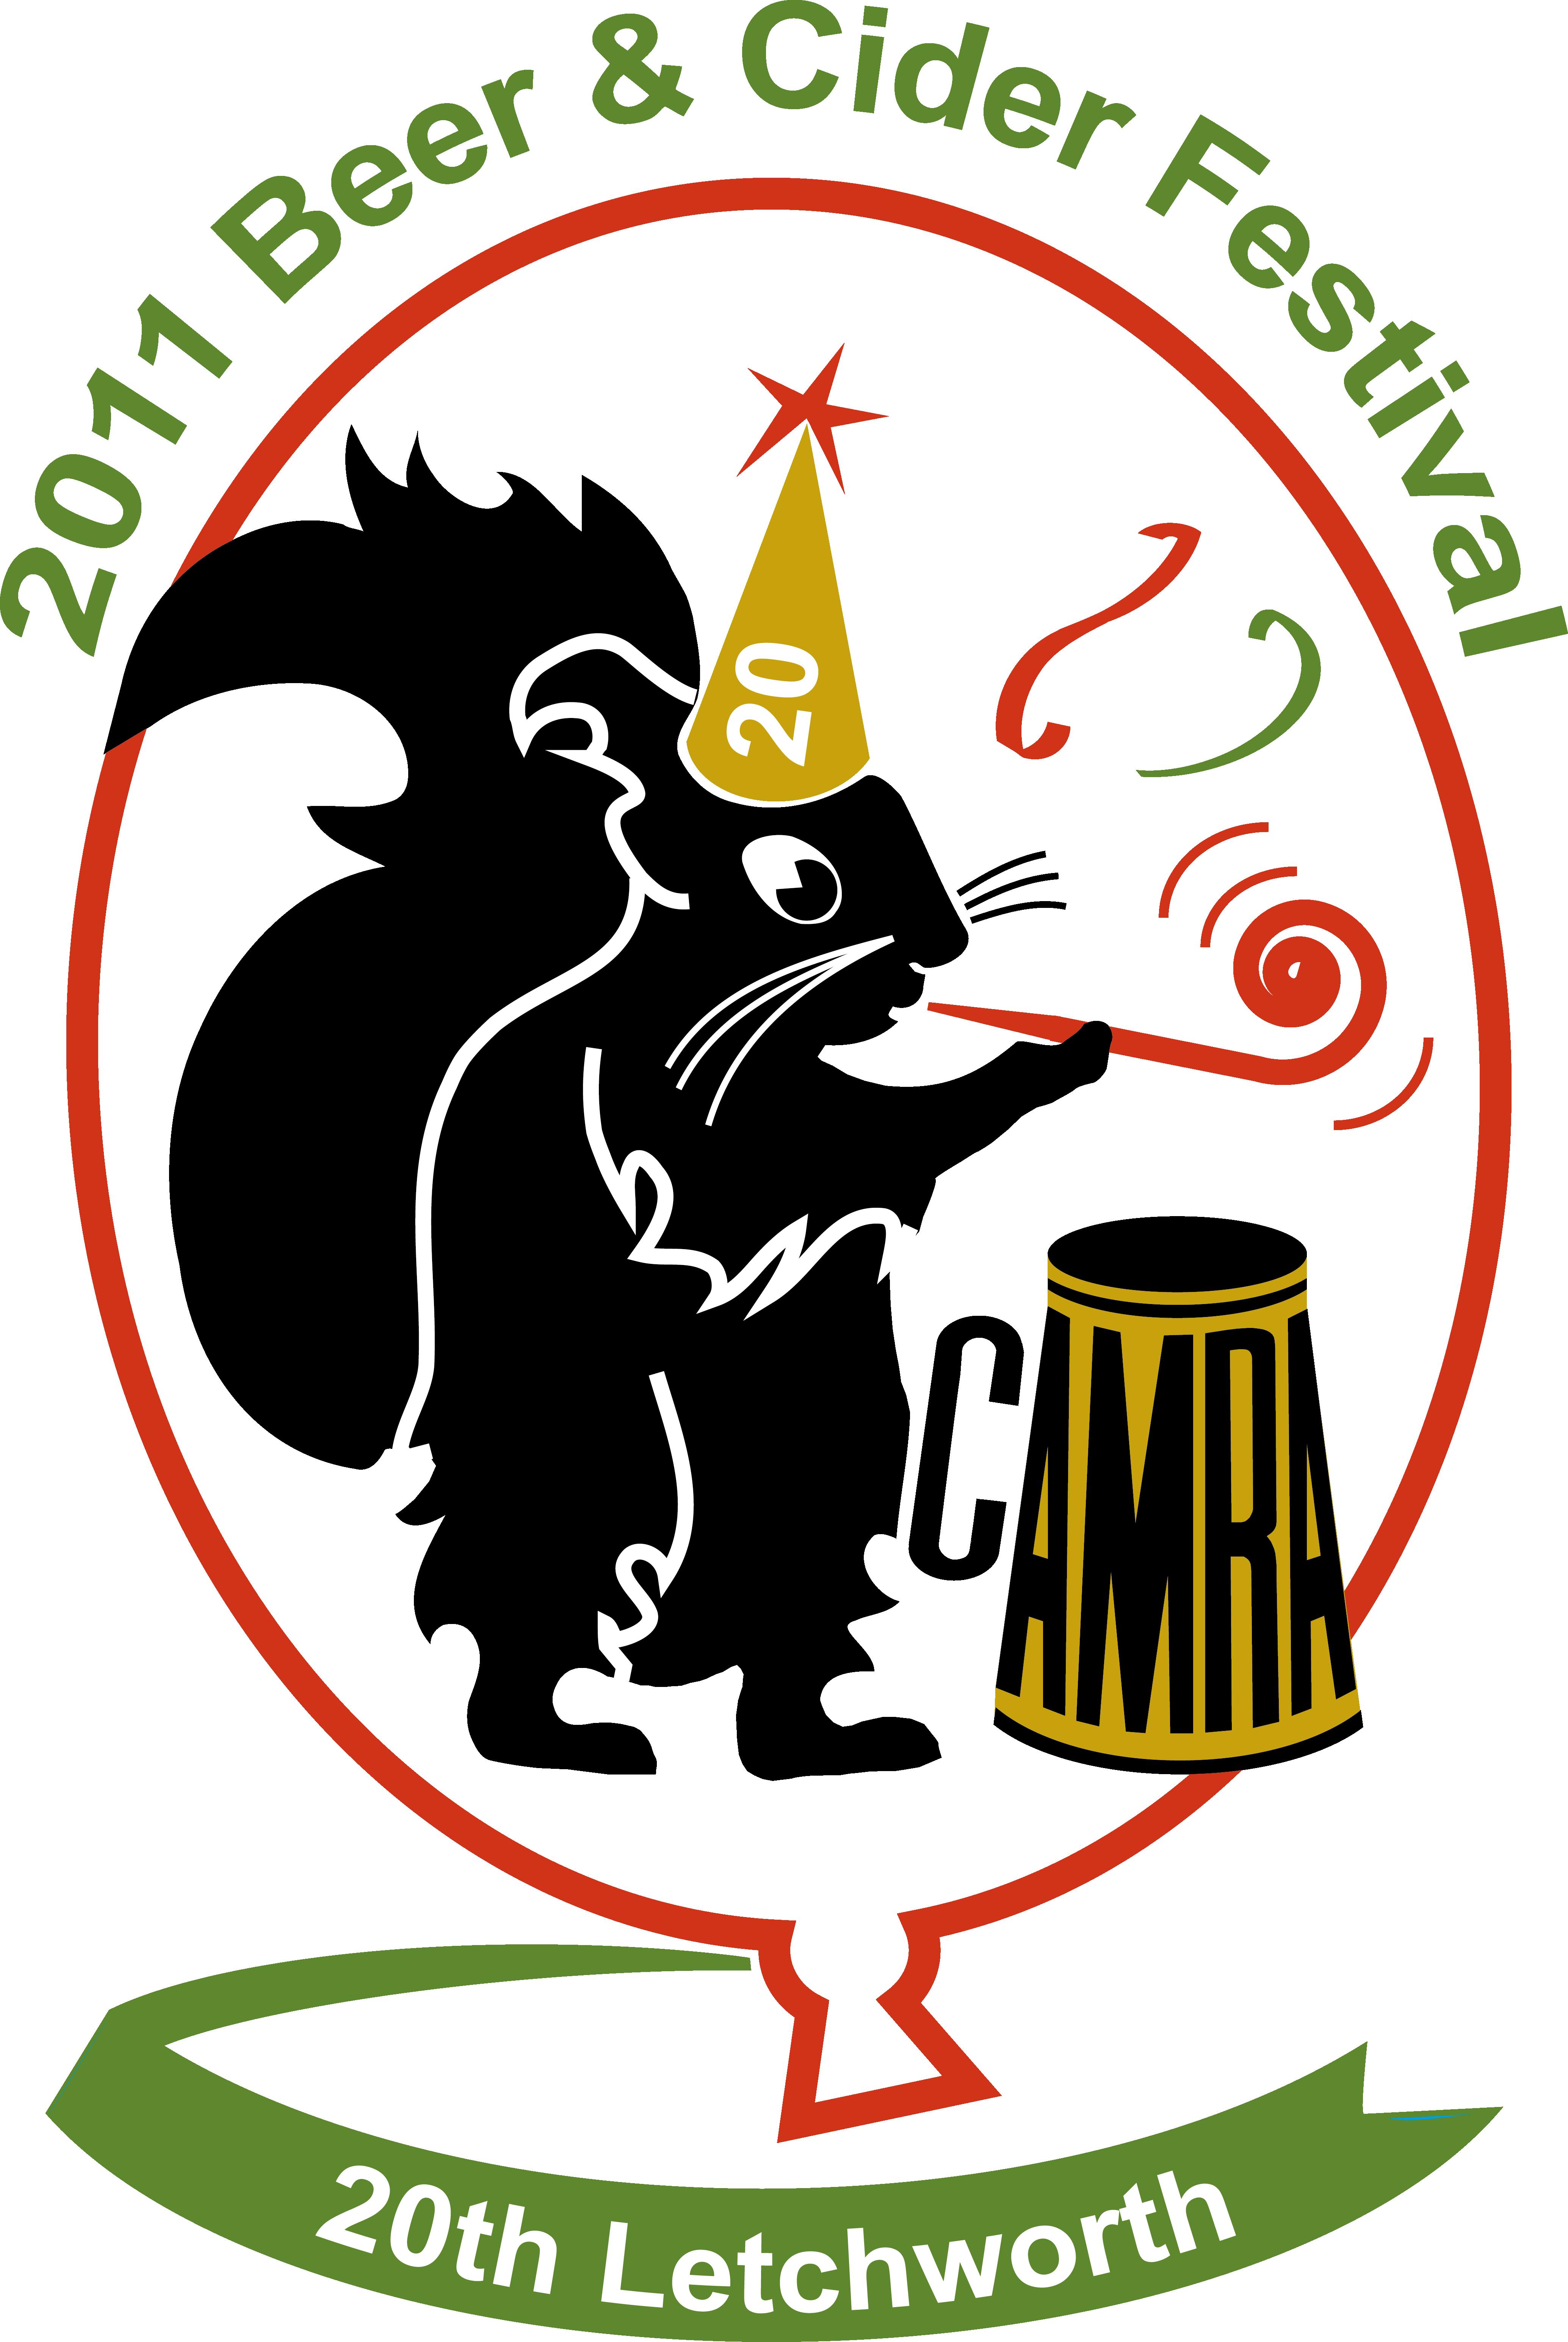 Stevenage Beer & Cider Festival 2017.